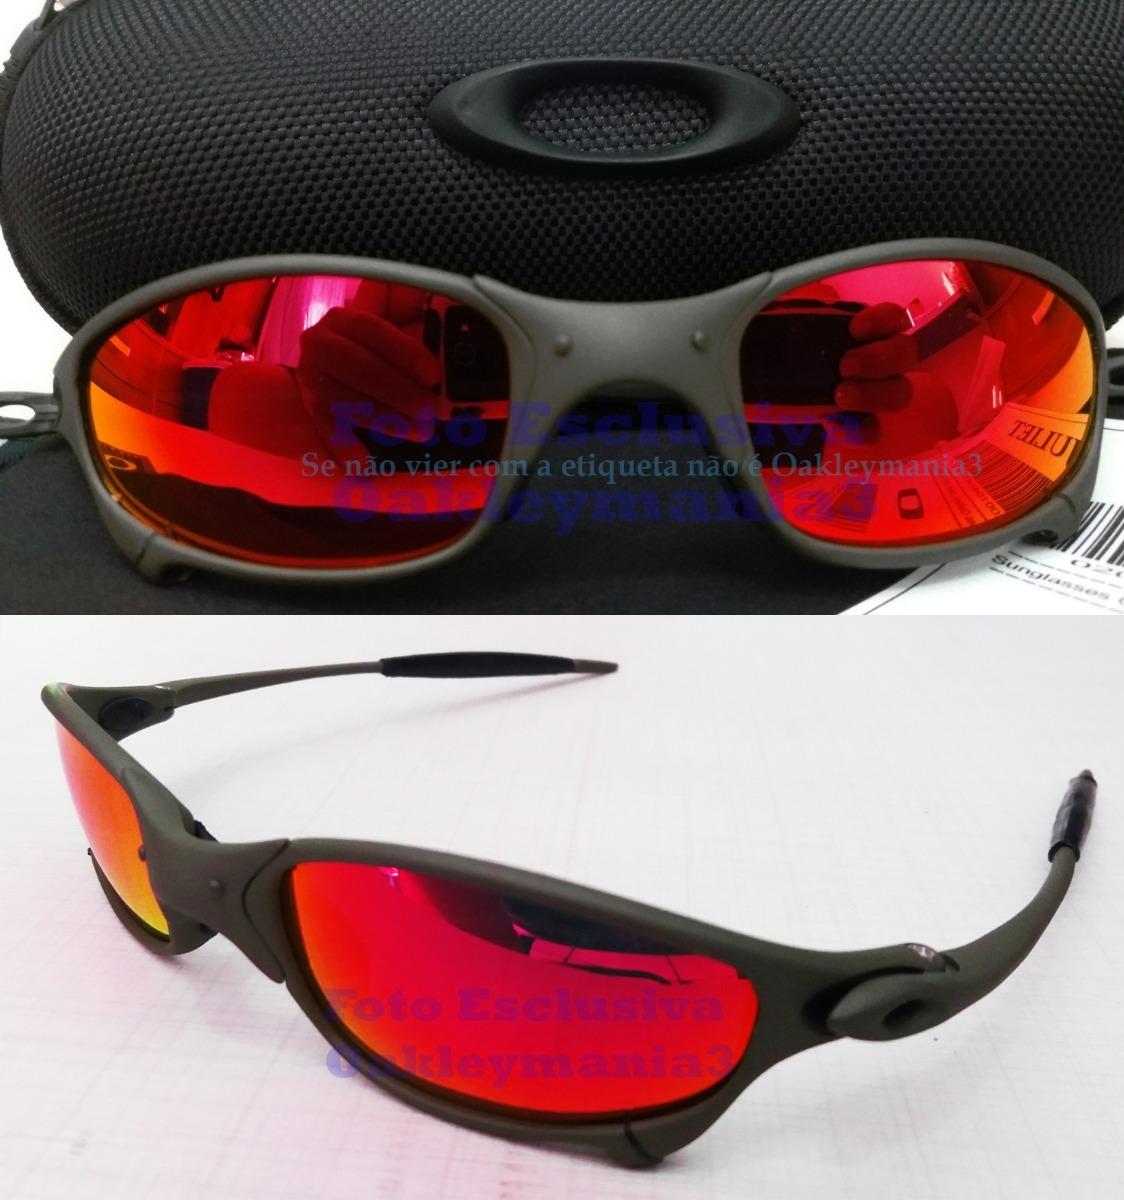 a904ddfc1 oculos juliet xmetal lente vermelha red fire polarizada. Carregando zoom.